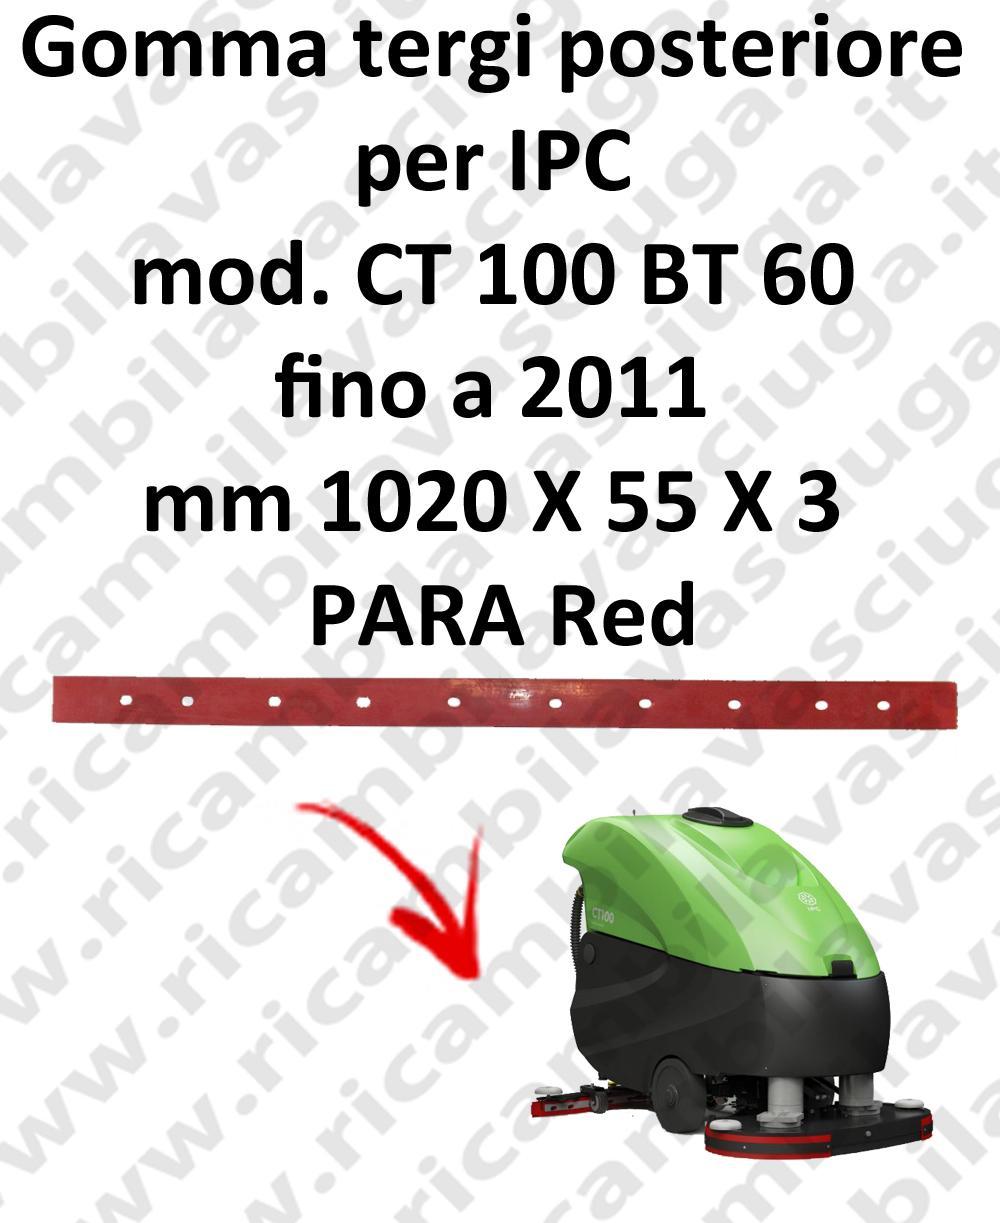 CT 100 BT 60 fino a 2011 - GOMMA TERGI posteriore per lavapavimenti IPC